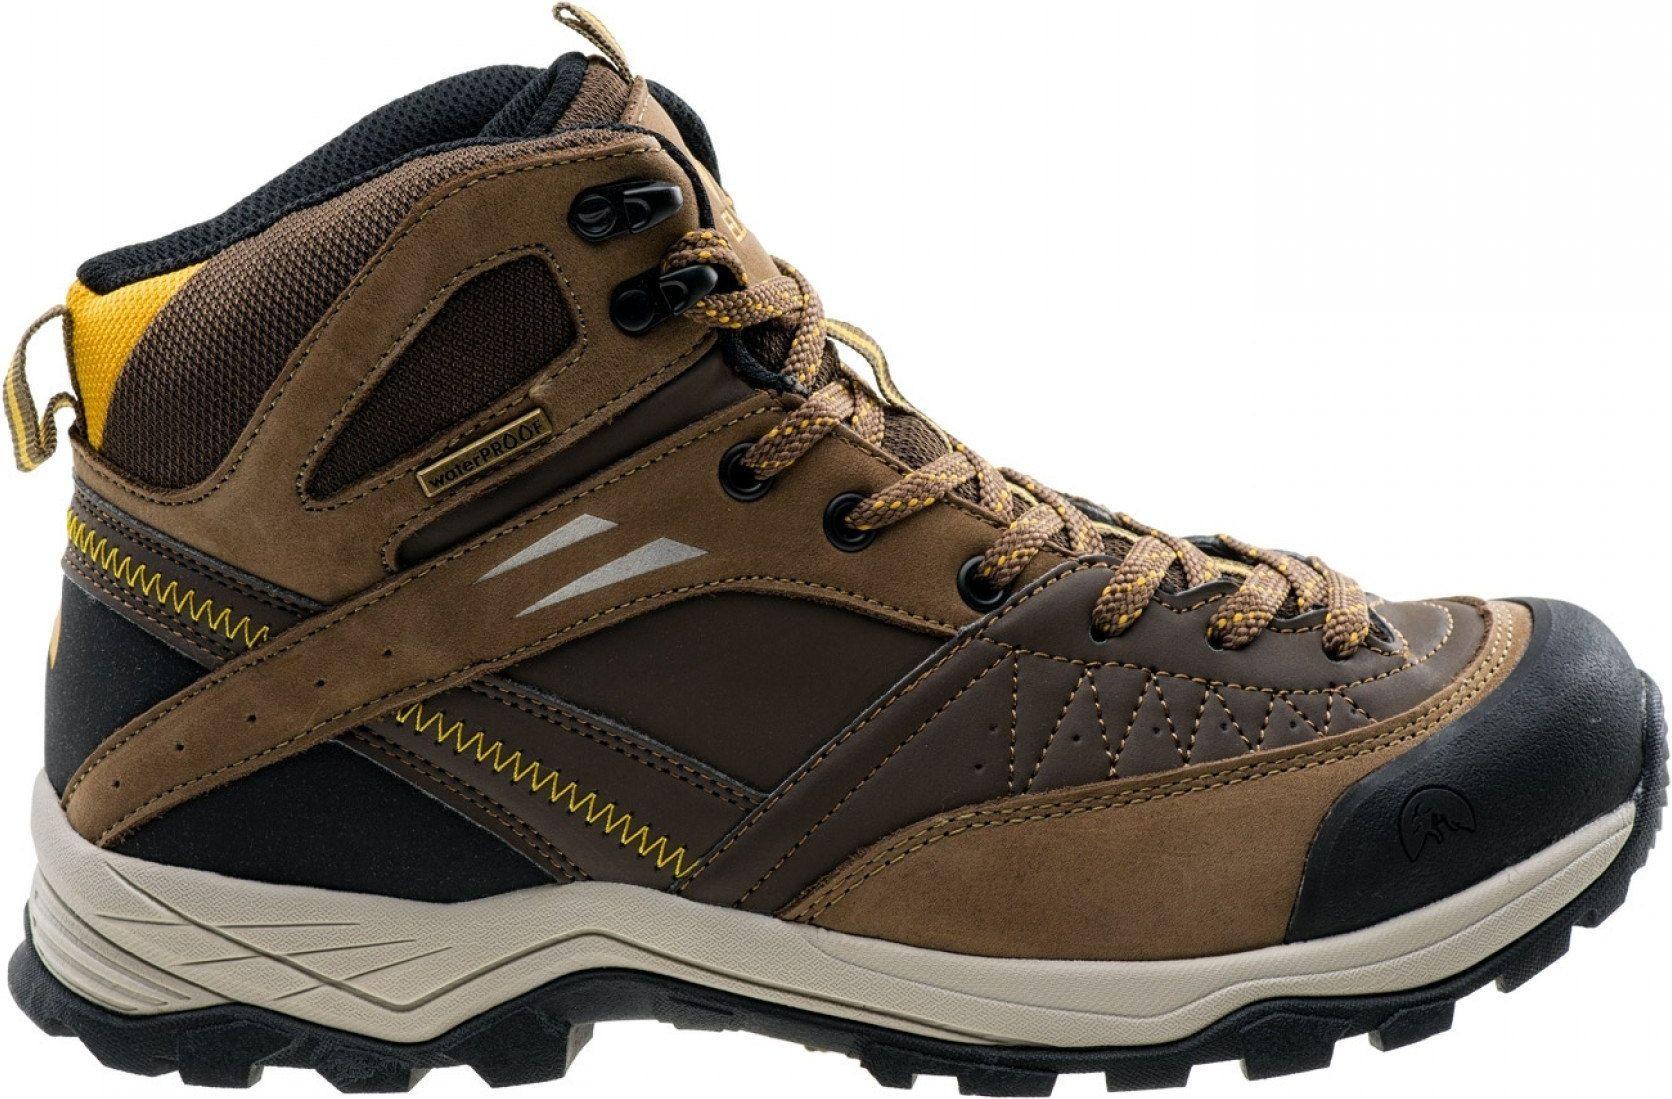 Elbrus Buty meskie Delen MID WP Dark Brown / Corn / Black r. 46 4823647 Tūrisma apavi